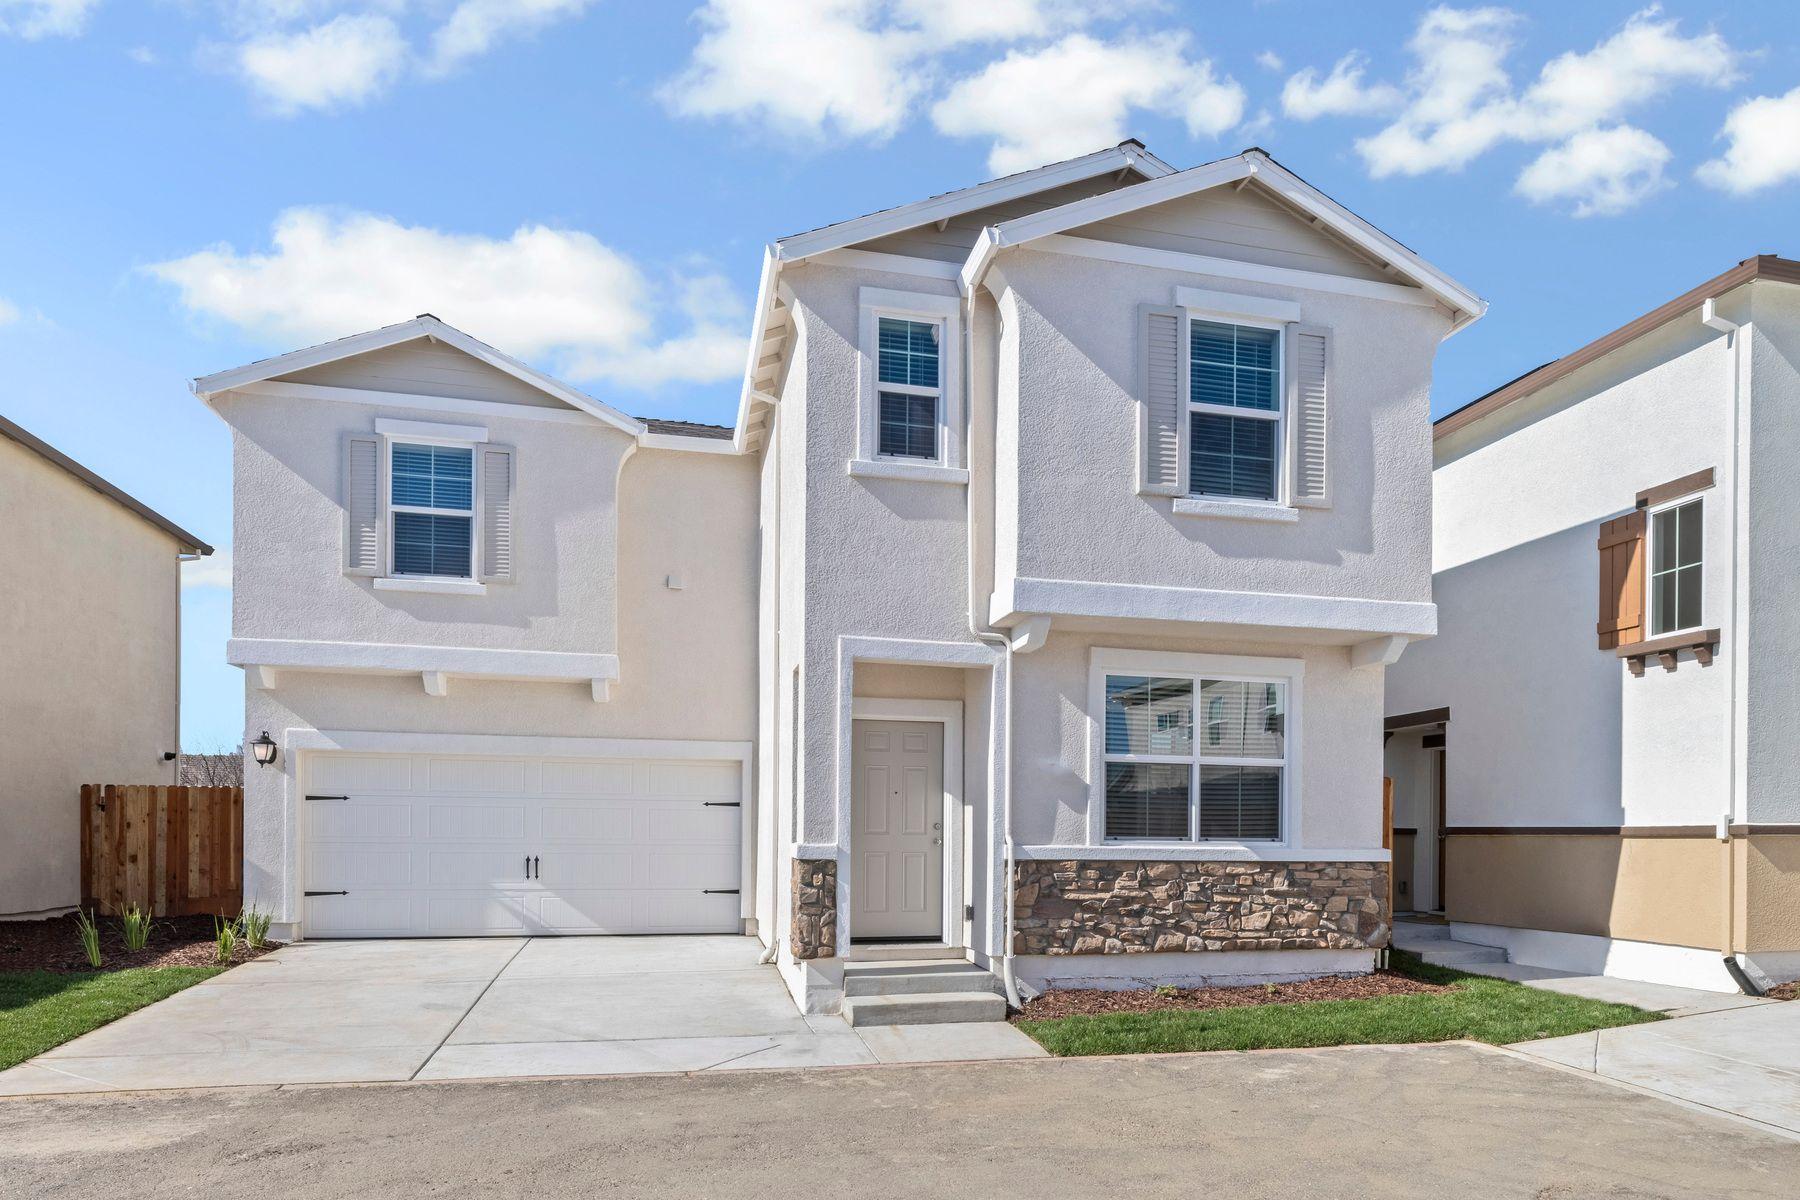 The Magnolia Plan by LGI Homes